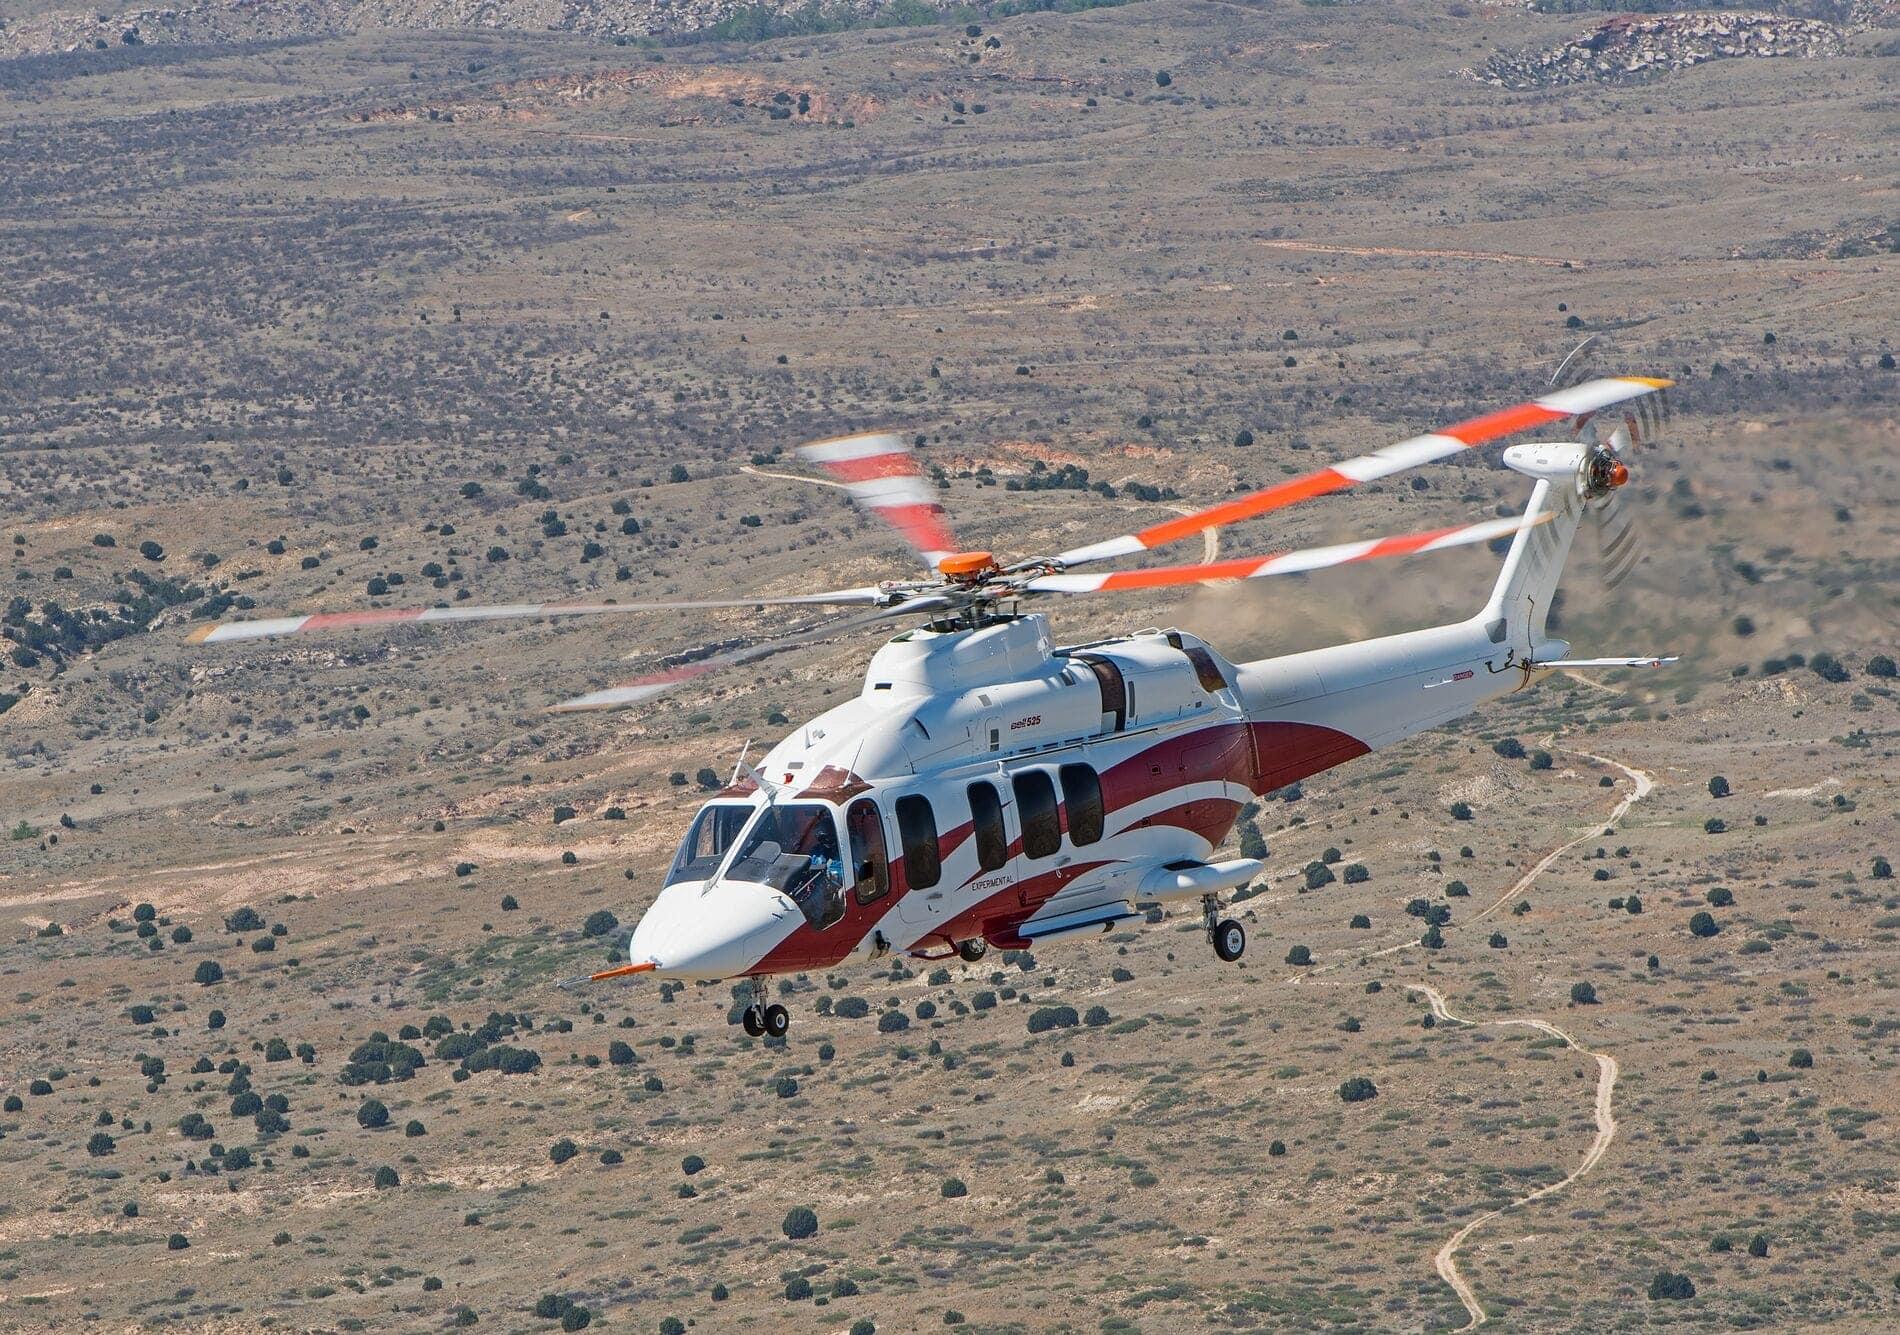 Bell 525 blanco en vuelo sobre el desierto